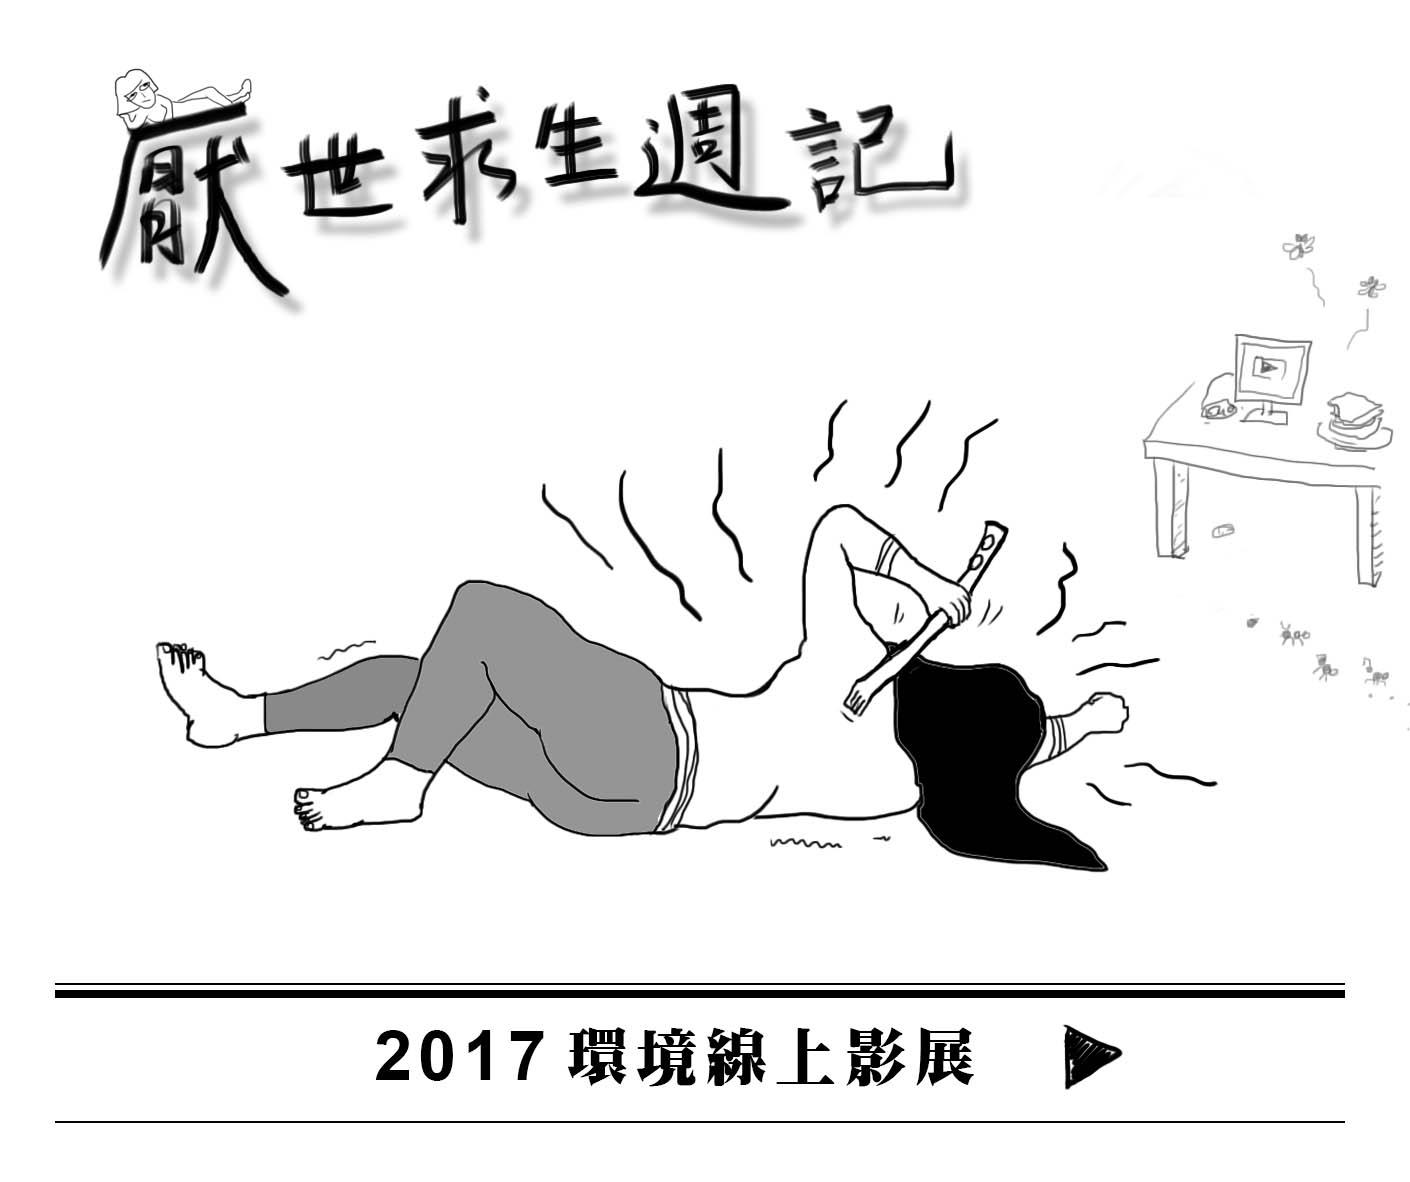 2017 環境線上影展《厭世求生週記》1111進修網